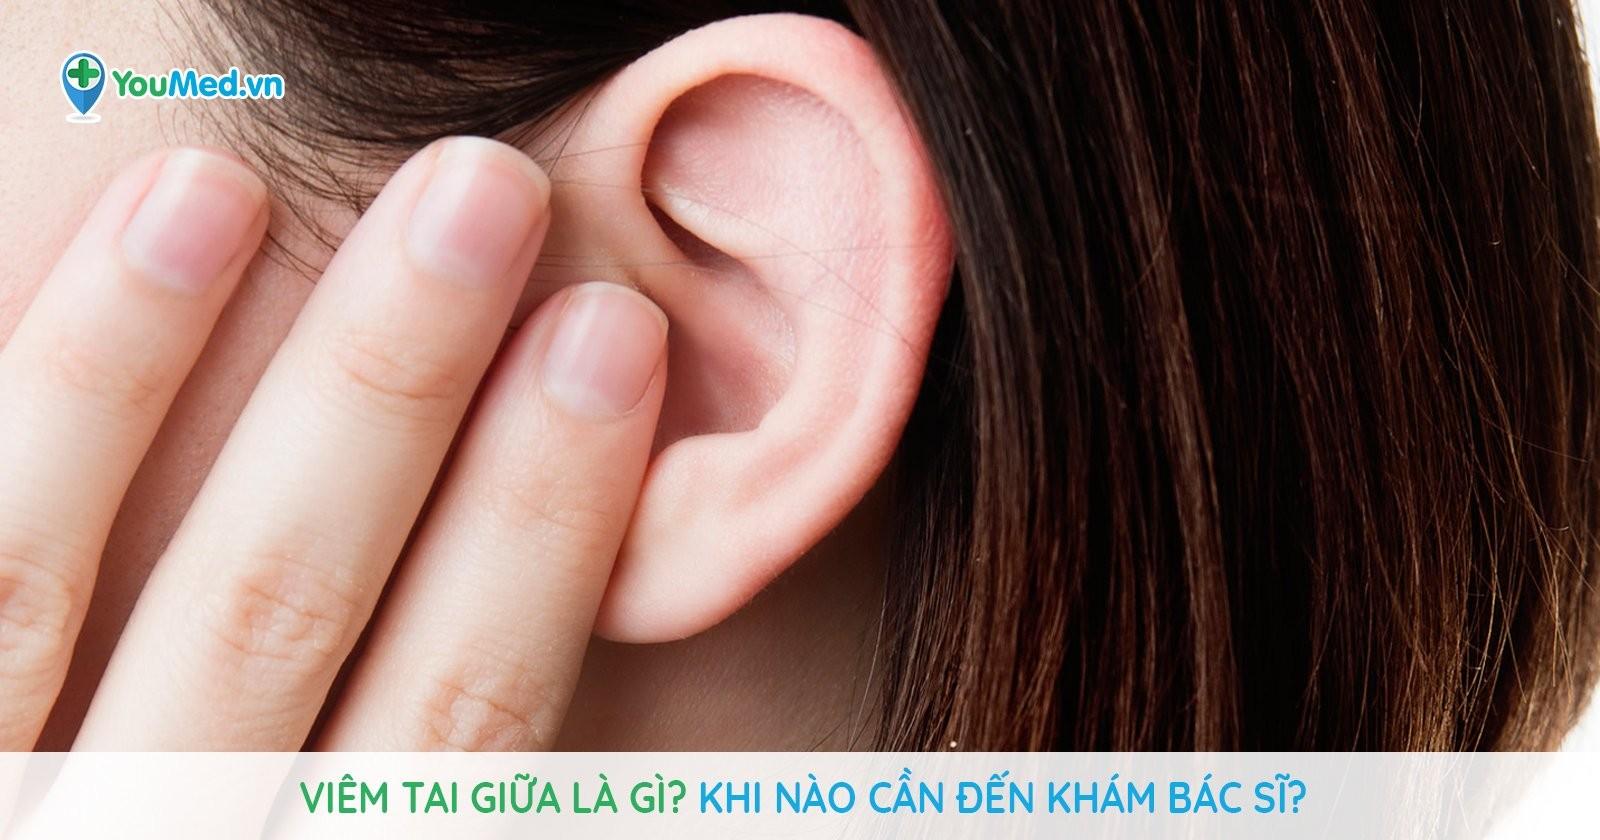 Viêm tai giữa là gì? Khi nào cần đến khám bác sĩ?